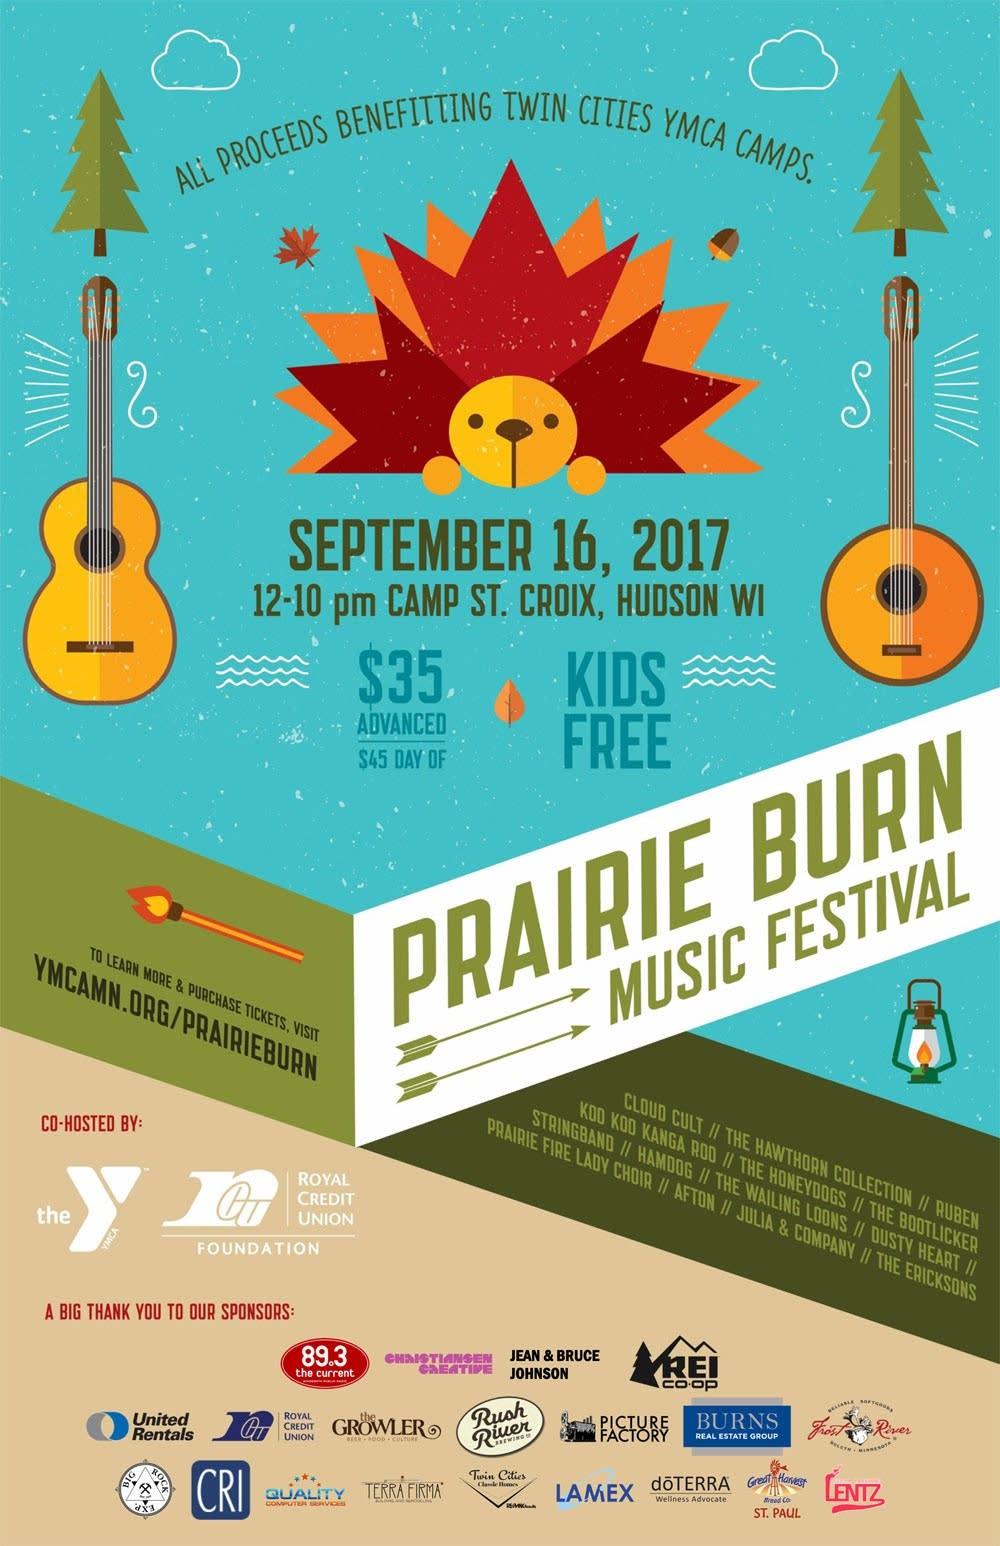 Musical festival